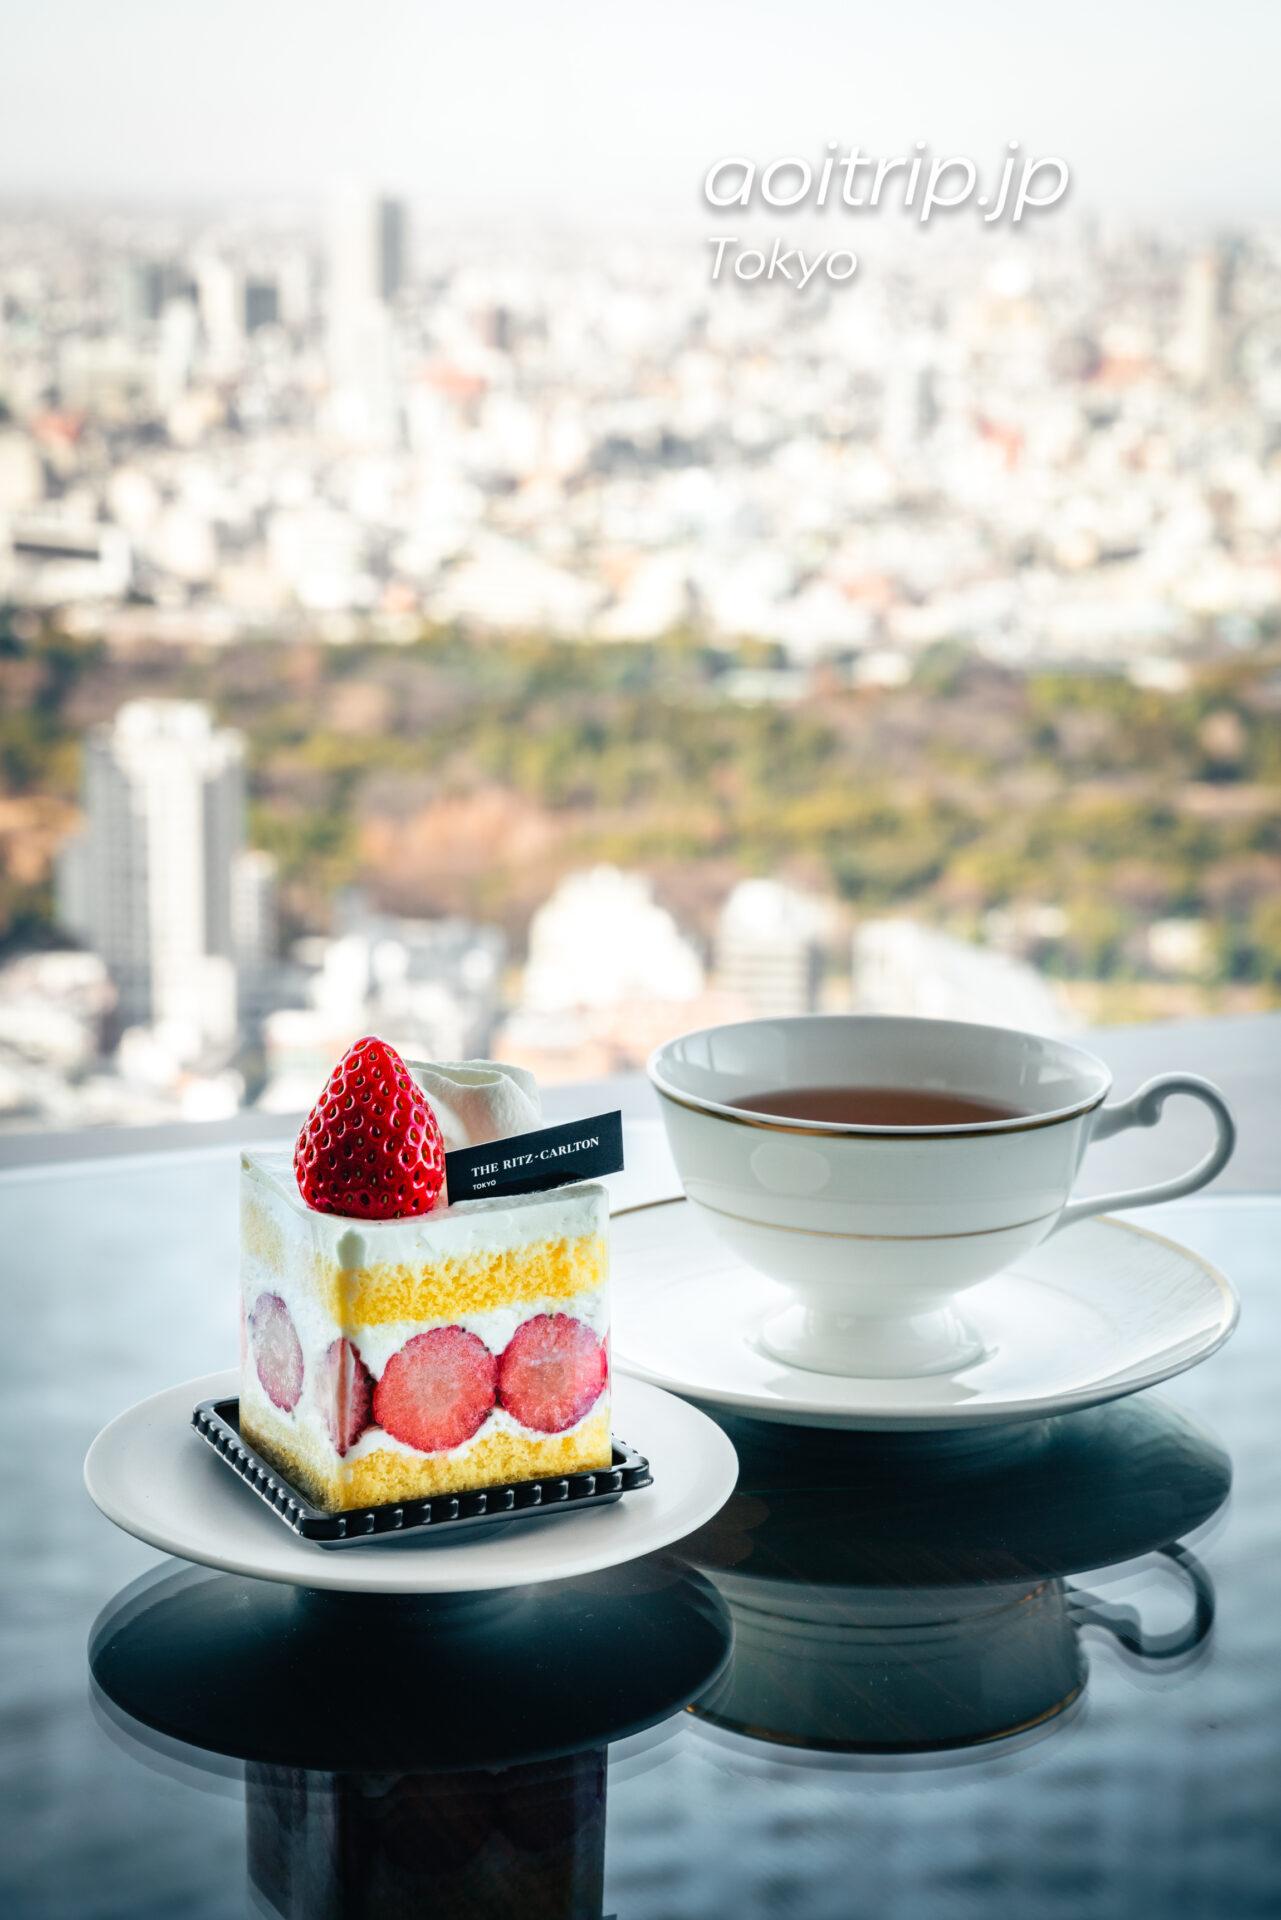 ザ リッツ カールトン カフェ&デリ The Ritz-Carlton Café & Deli ザ リッツ カールトン ストロベリーショートケーキ